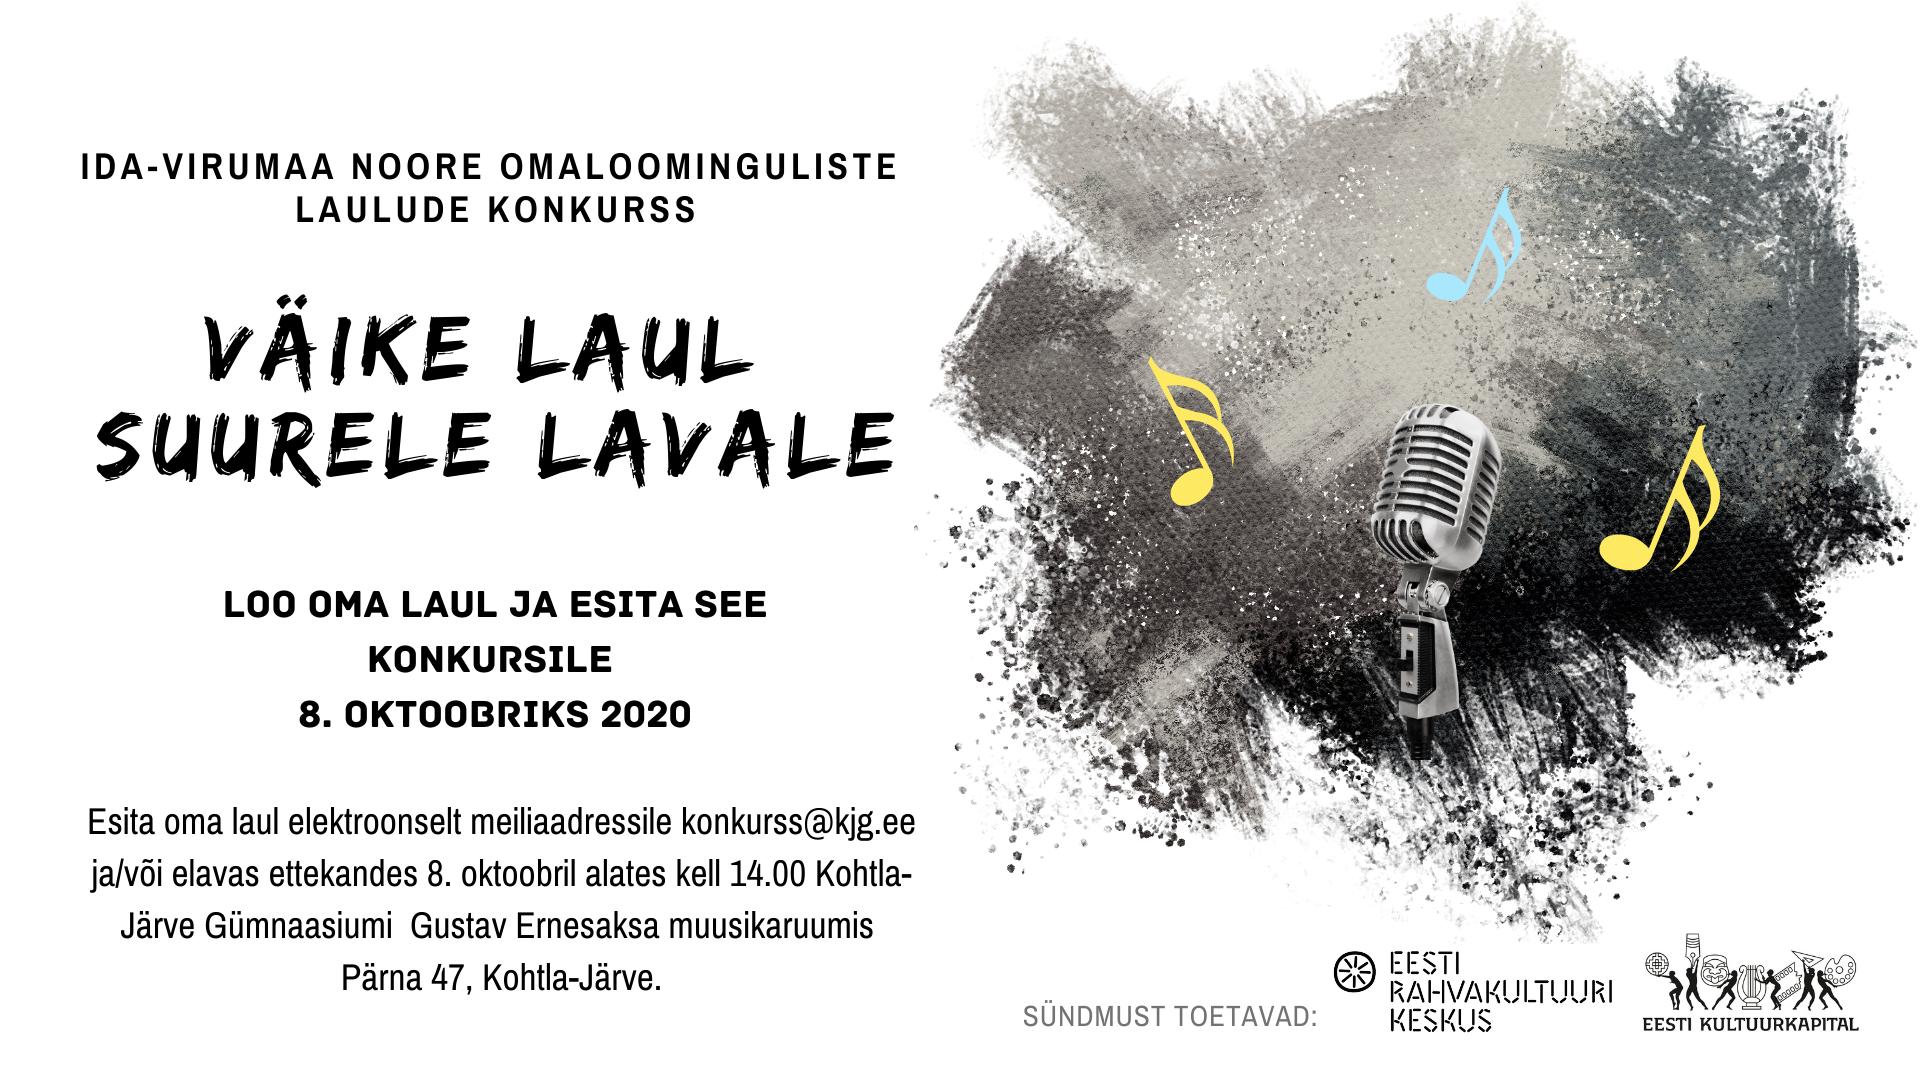 """Ida-Virumaa noorte omaloominguliste laulude konkurss """"Väike laul suurele lavale""""!"""